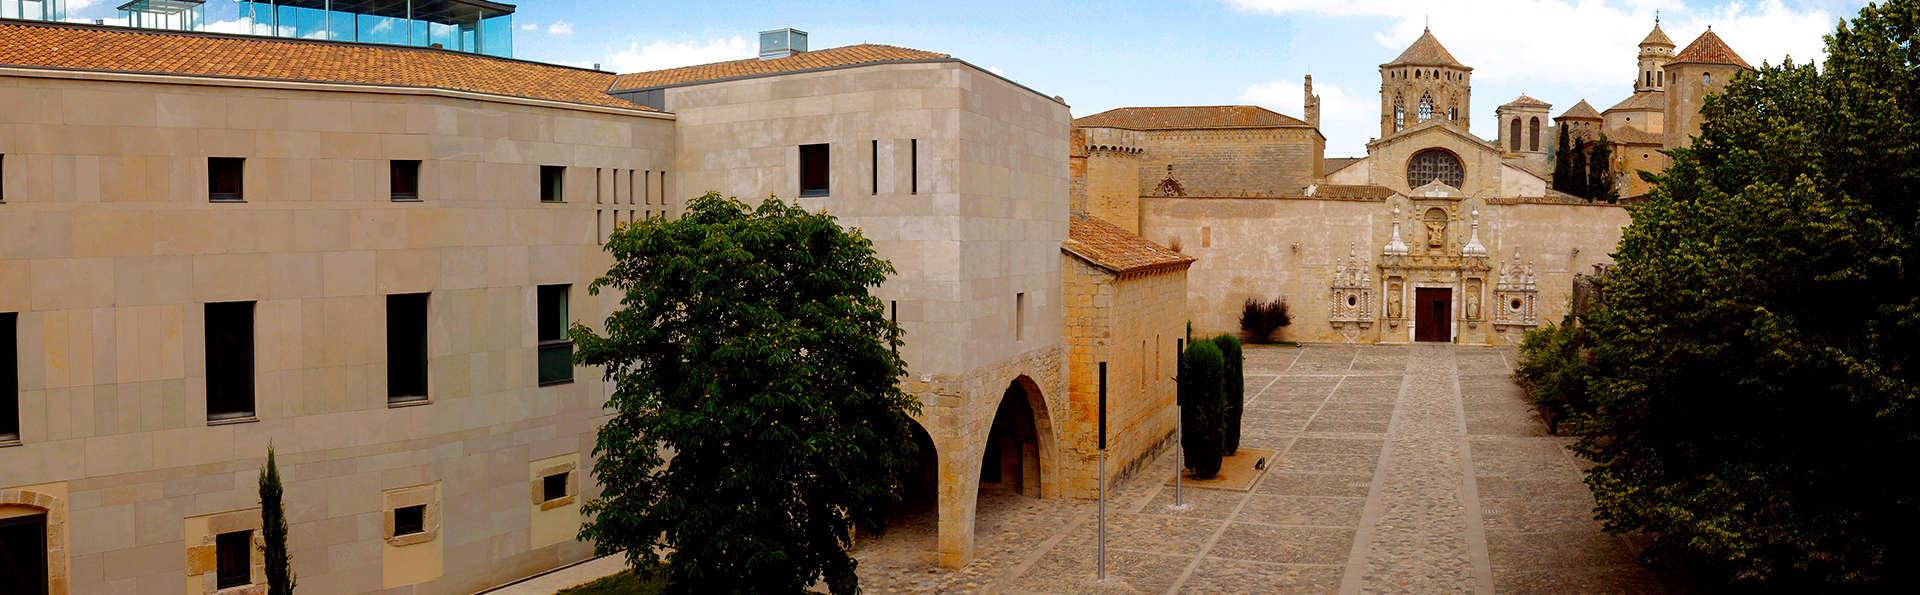 Plongez-vous dans la gastronomie catalane avec visite d'une cave et dégustation à Poblet